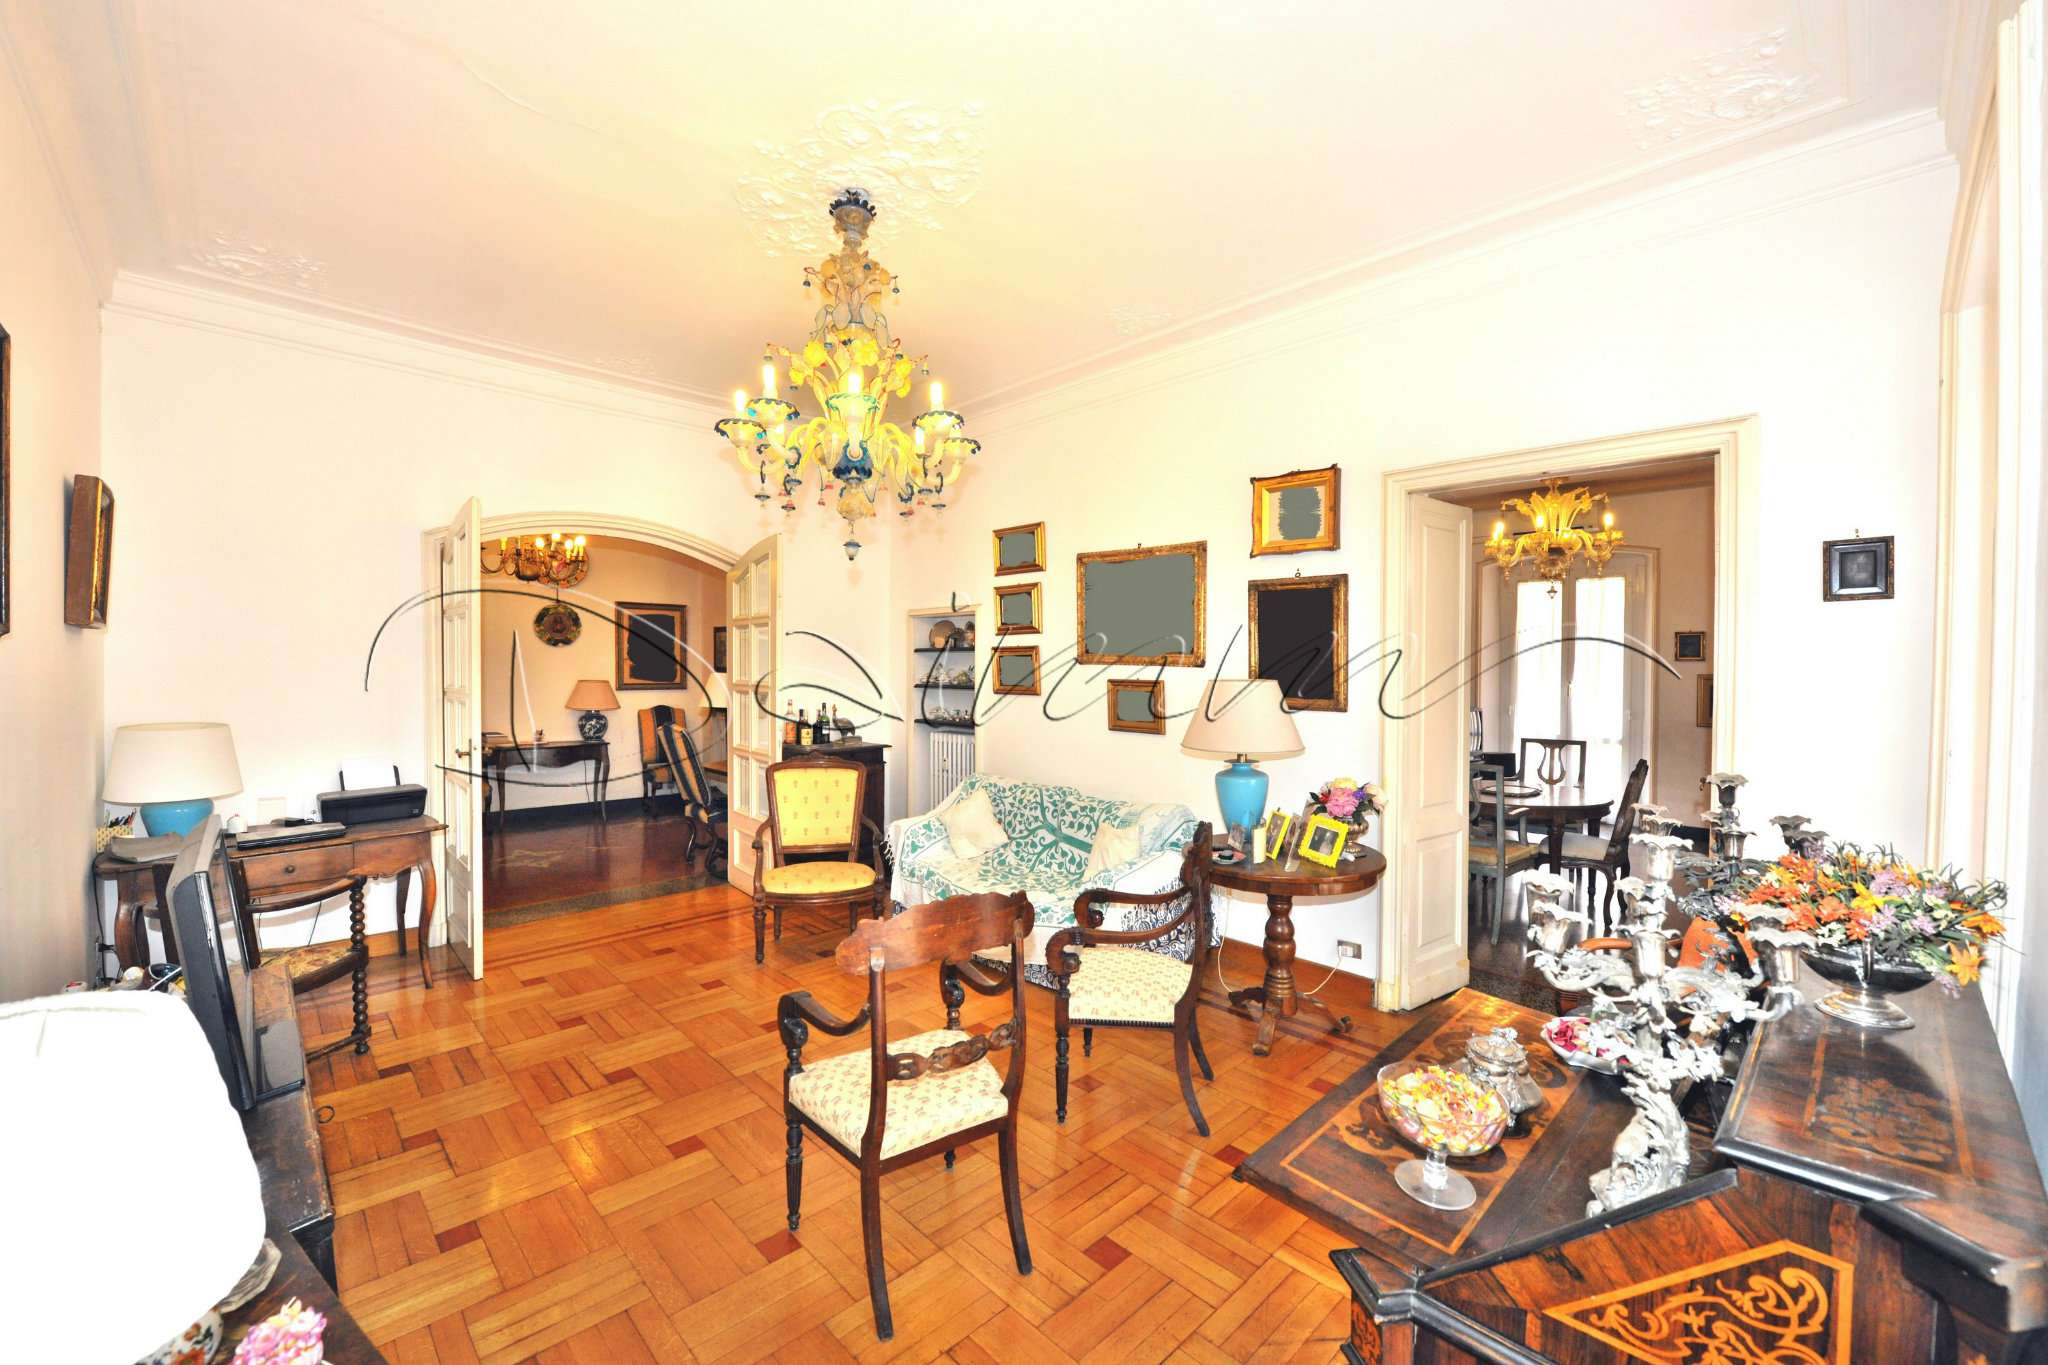 Foto 1 di Appartamento via Maragliano, Genova (zona Centro città)